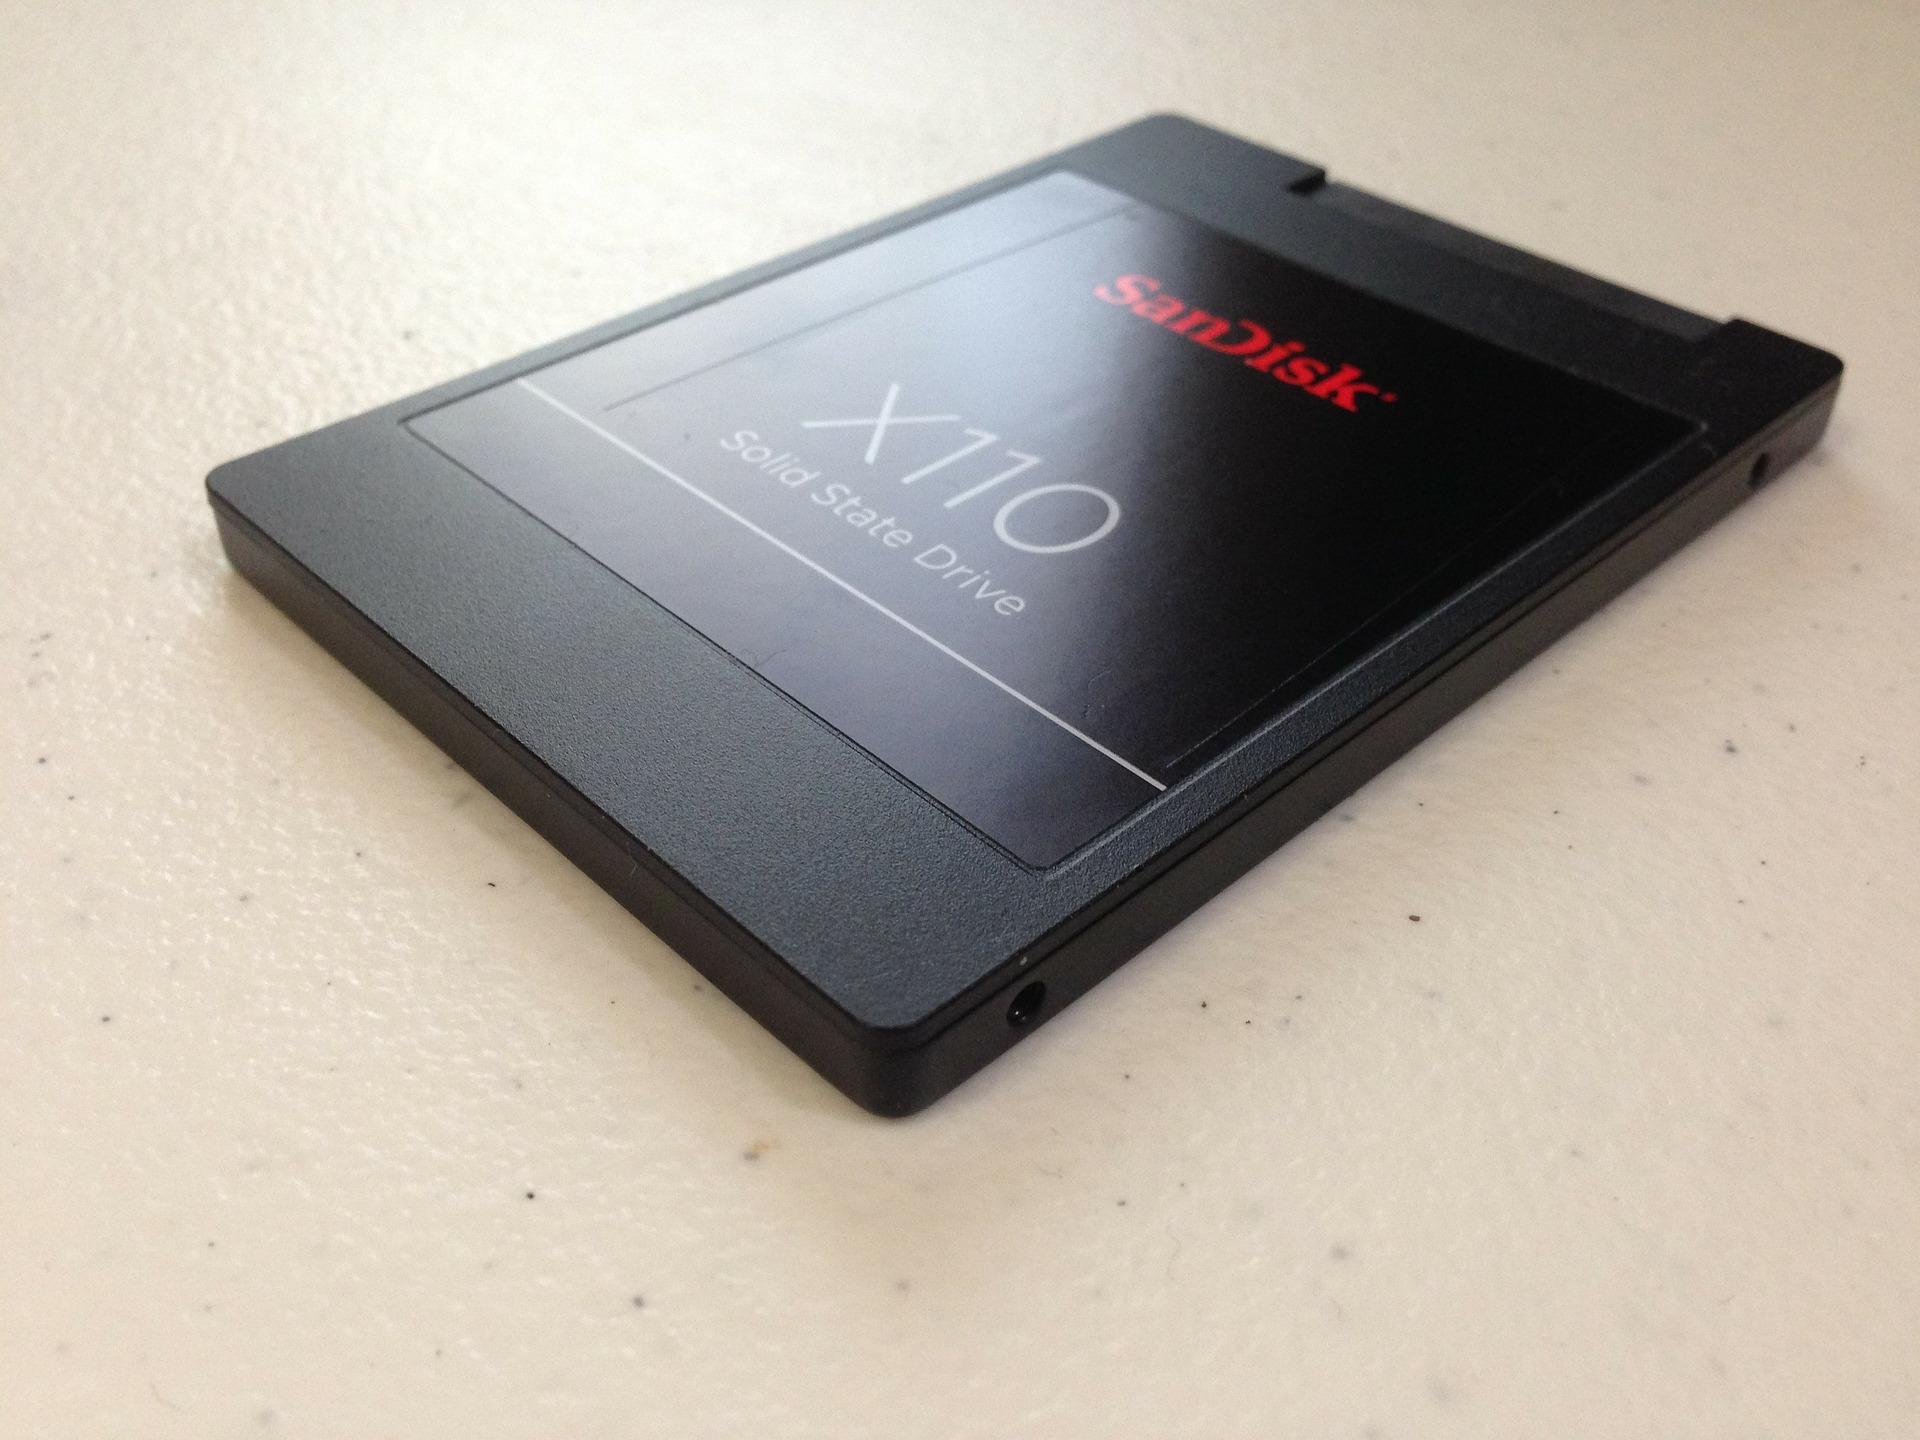 Imagem mostra um SSD em destaque.